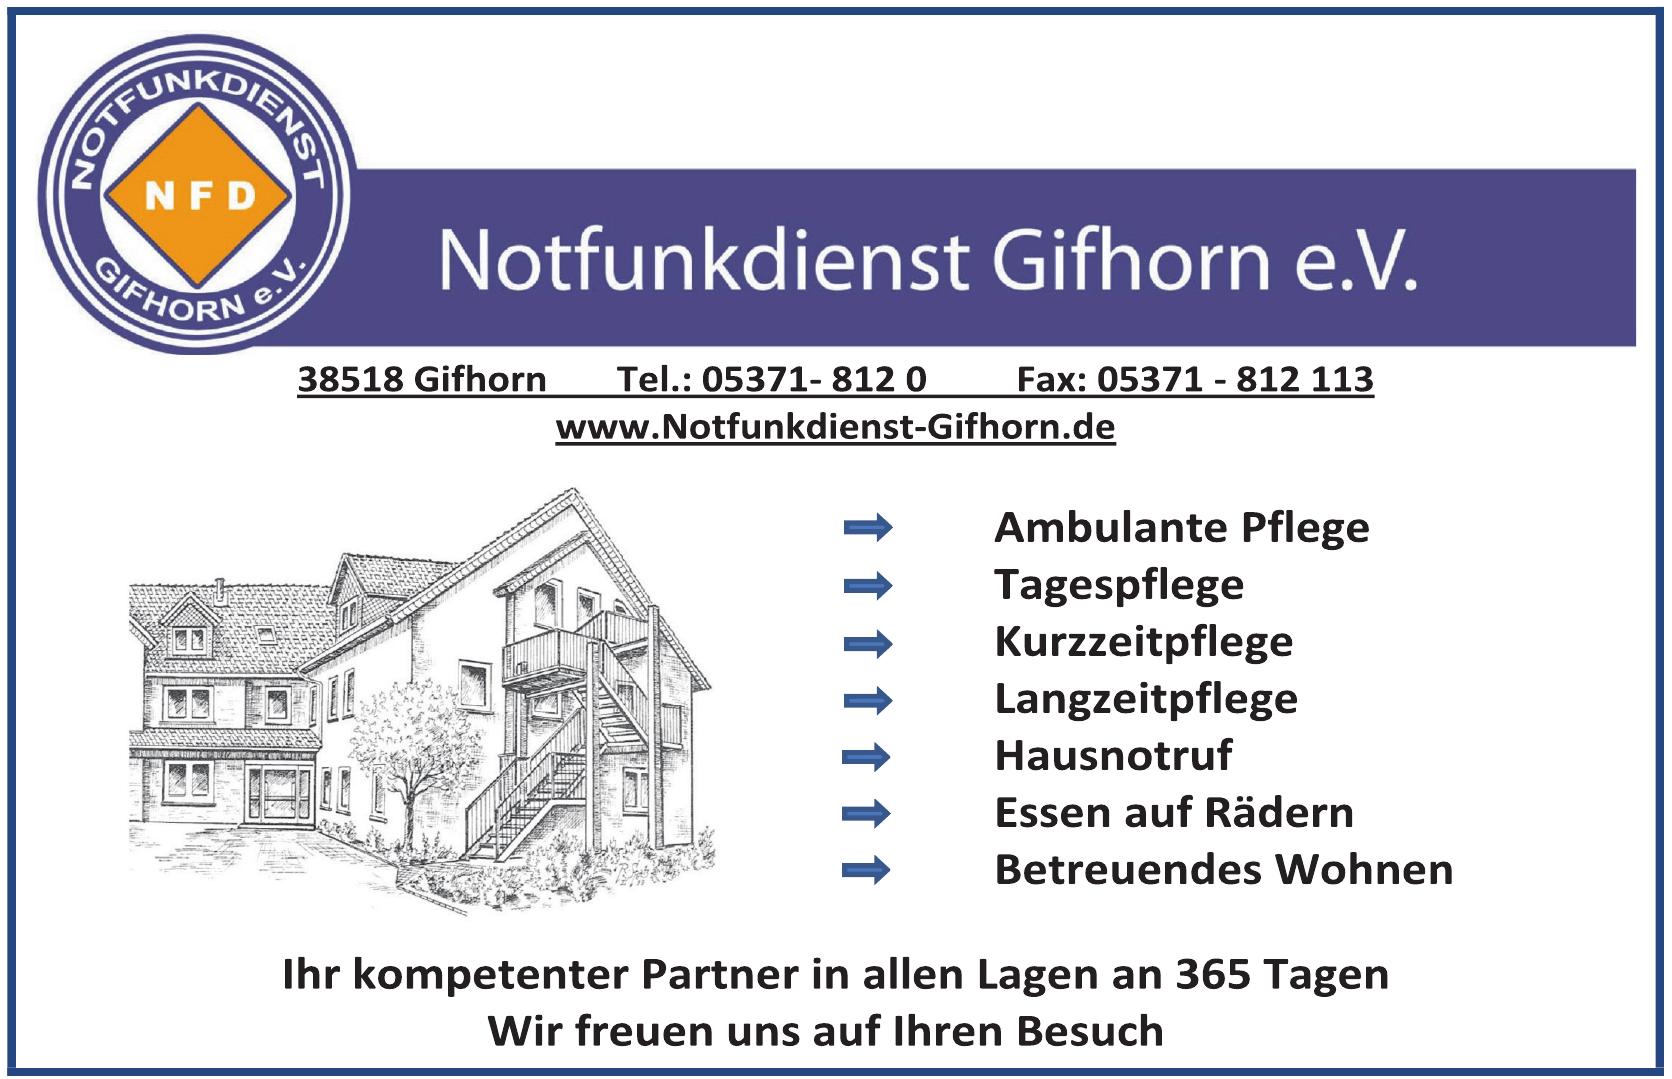 Notfunkdienst Gifhorn e. V.